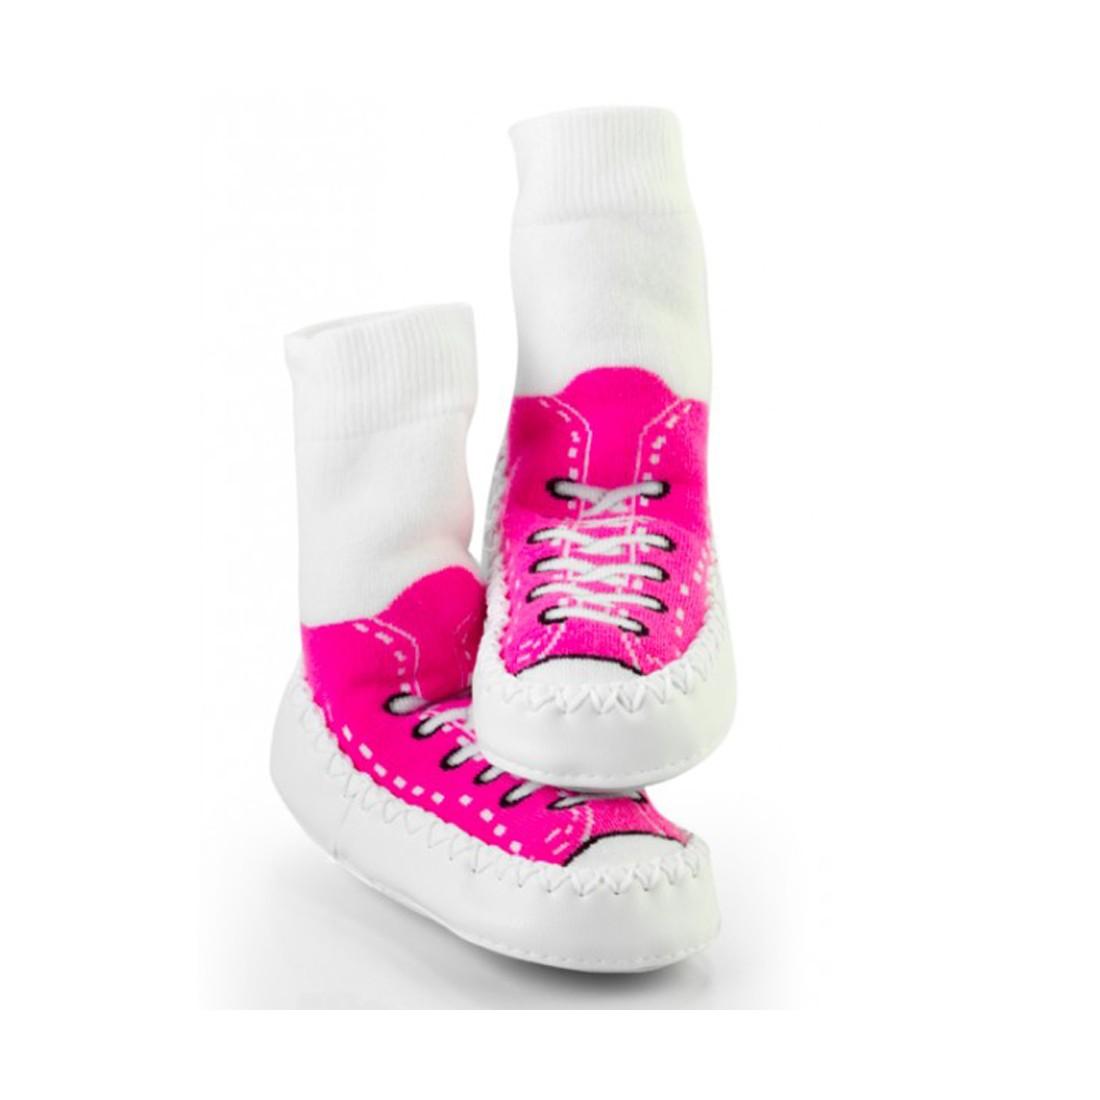 Chaussons-chausssettes pour bébé Mocc Ons